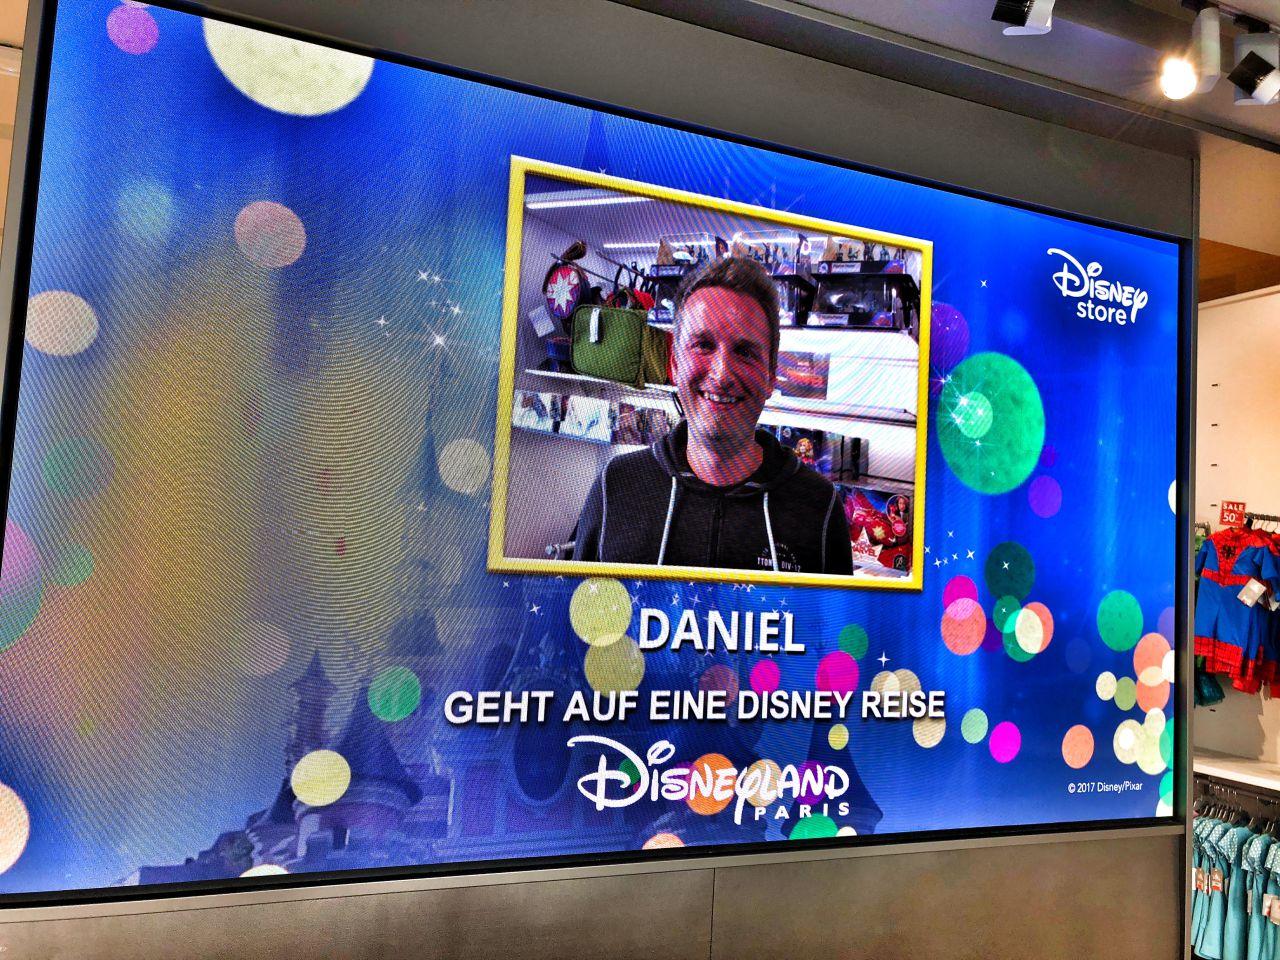 Disney Store Überraschung